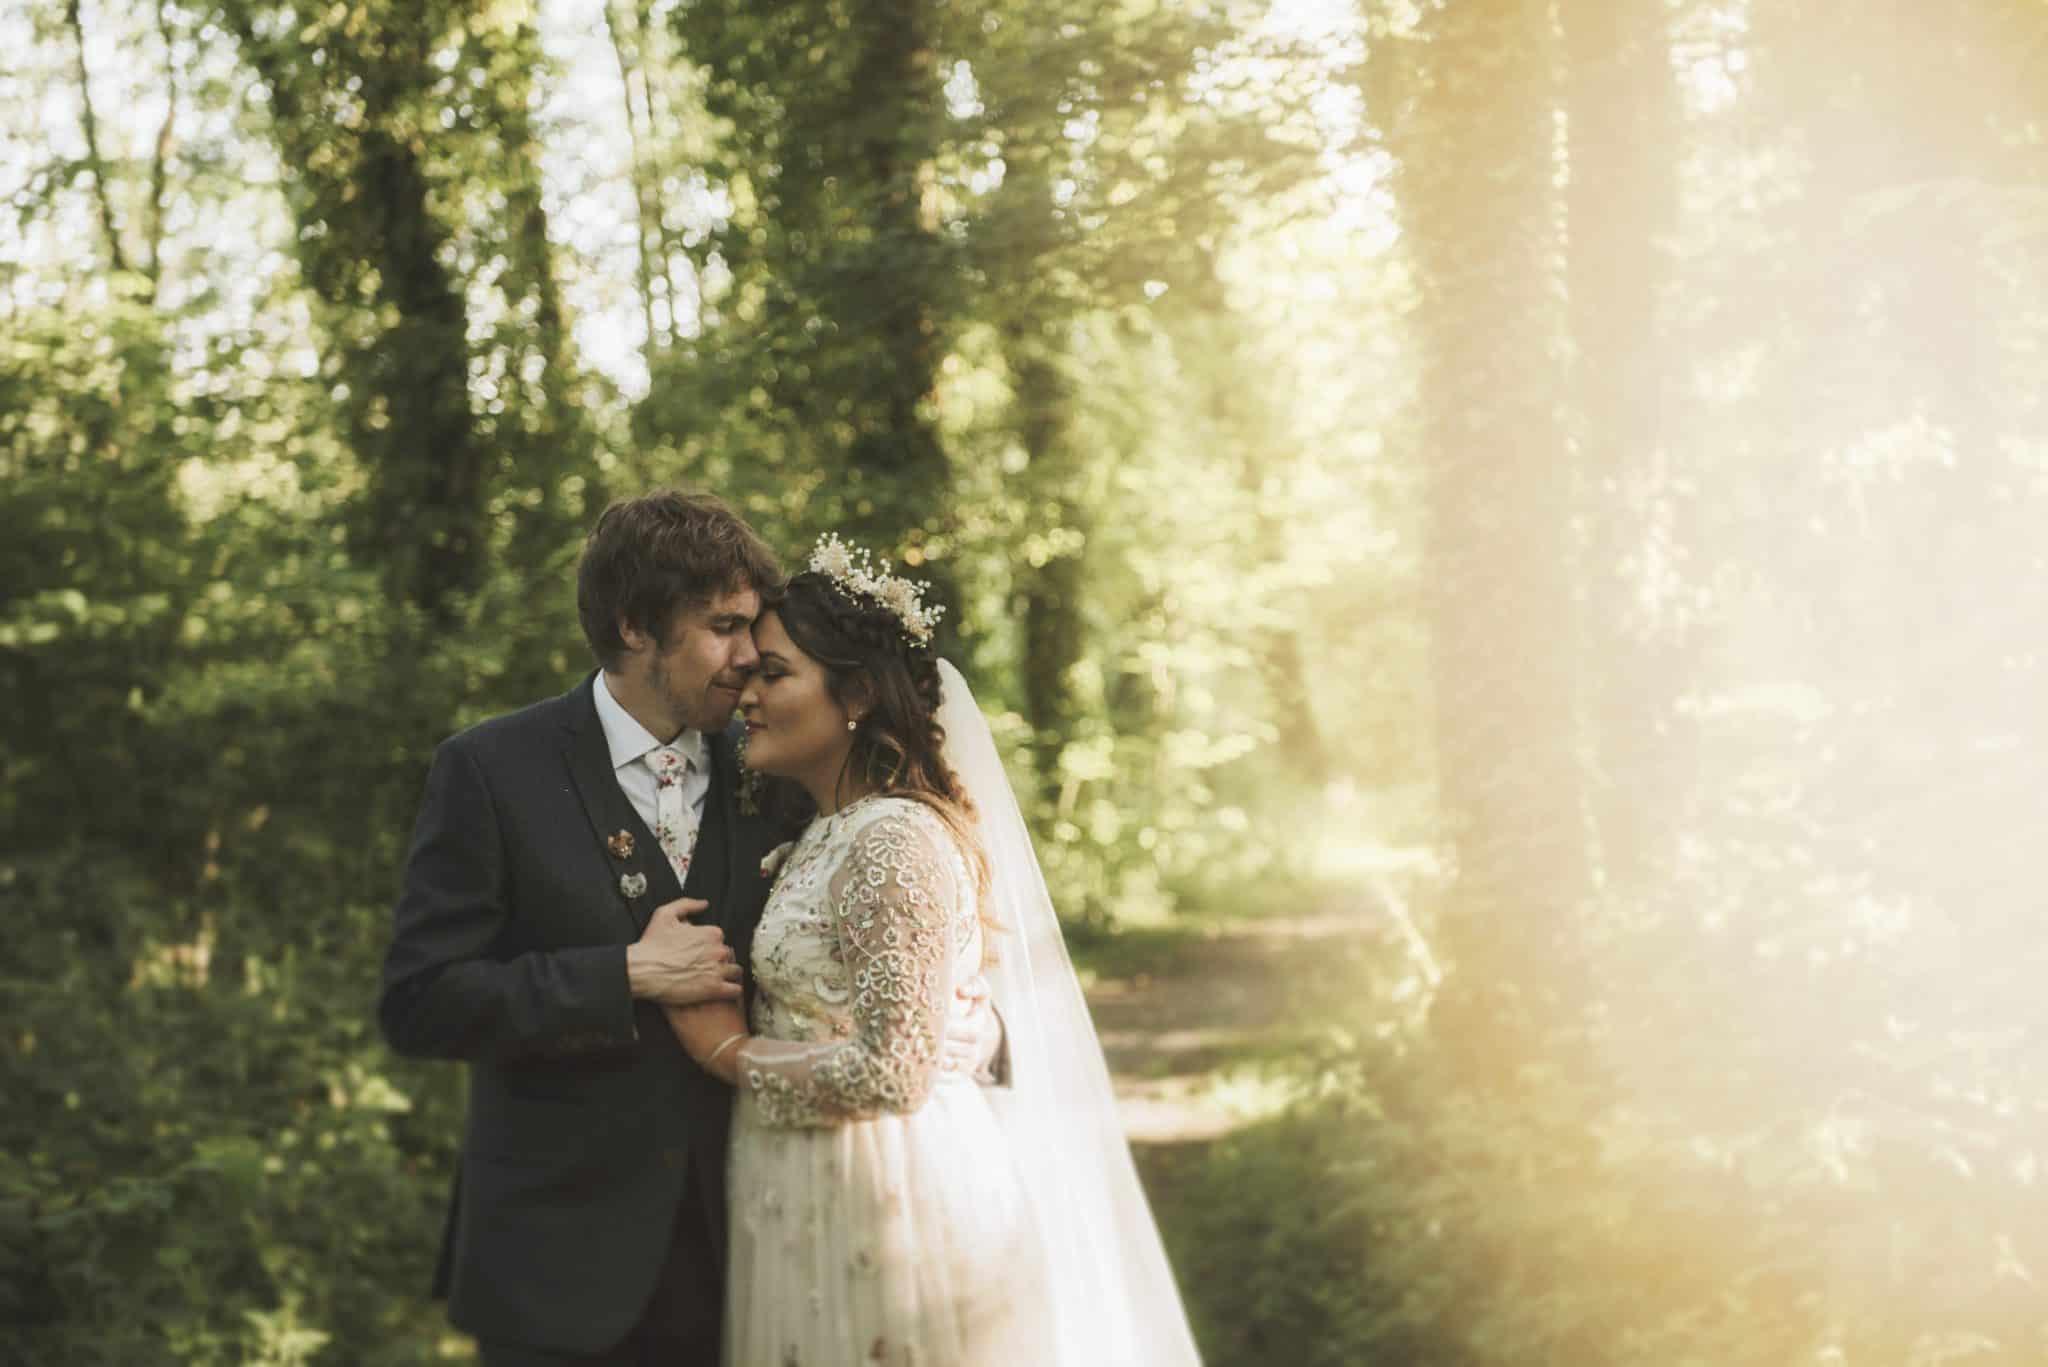 Coed Weddings